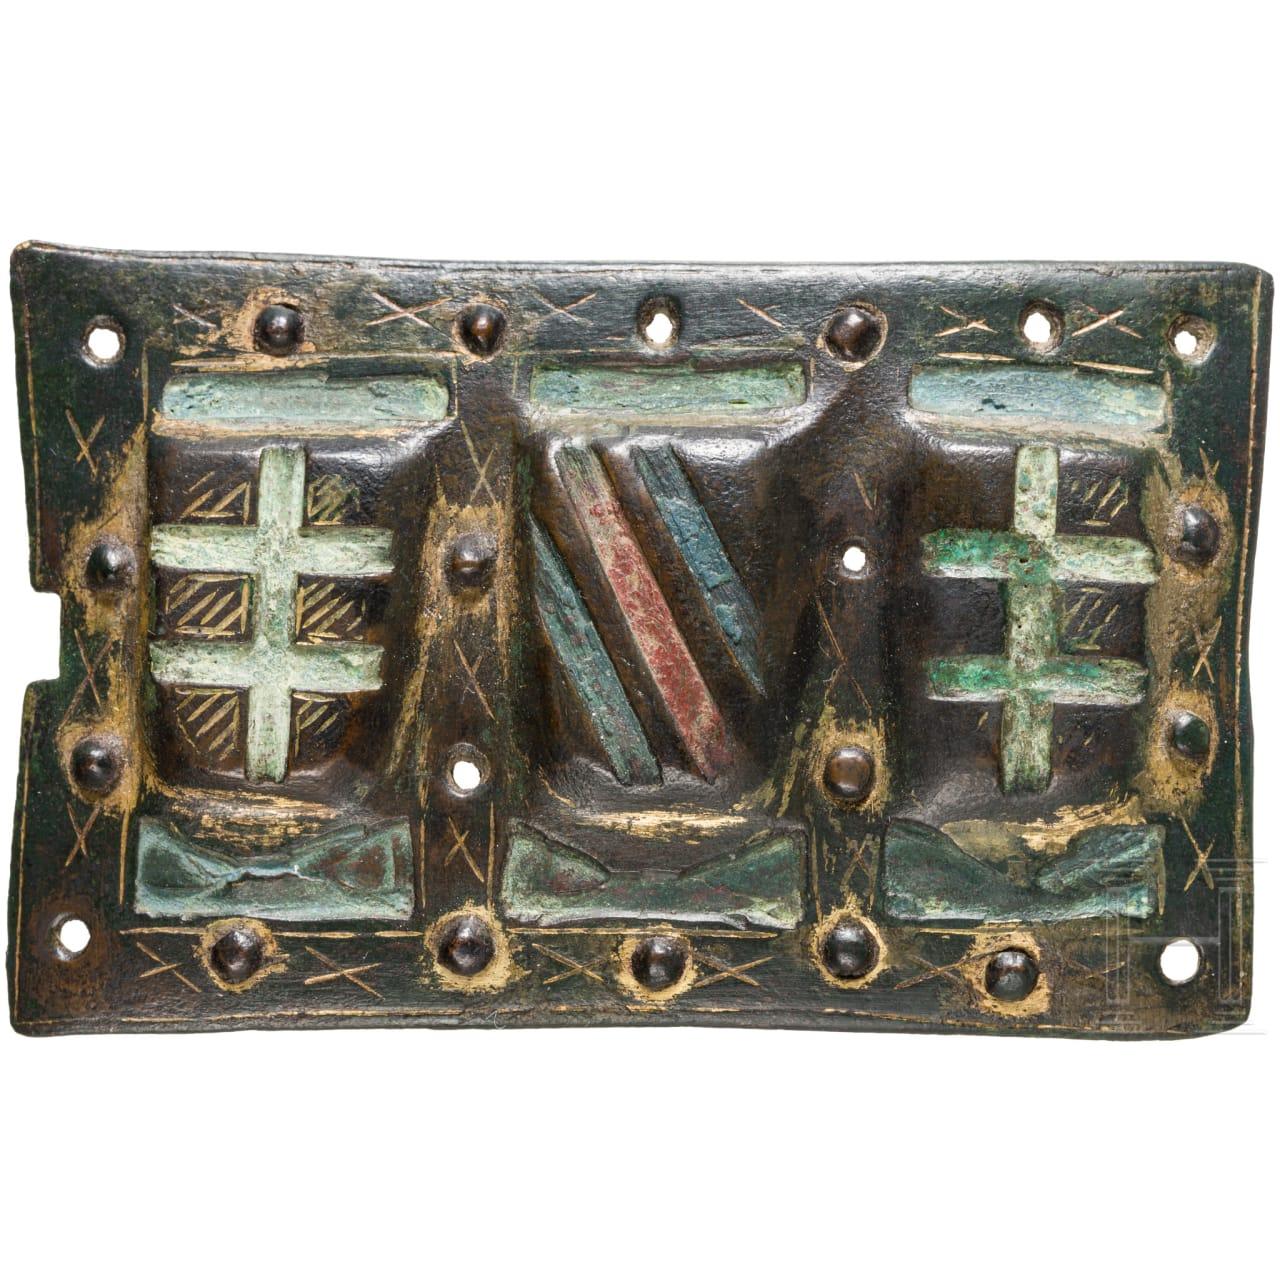 Seltene frühe Plakette mit Wappenschildern, wohl England, 14. Jhdt.